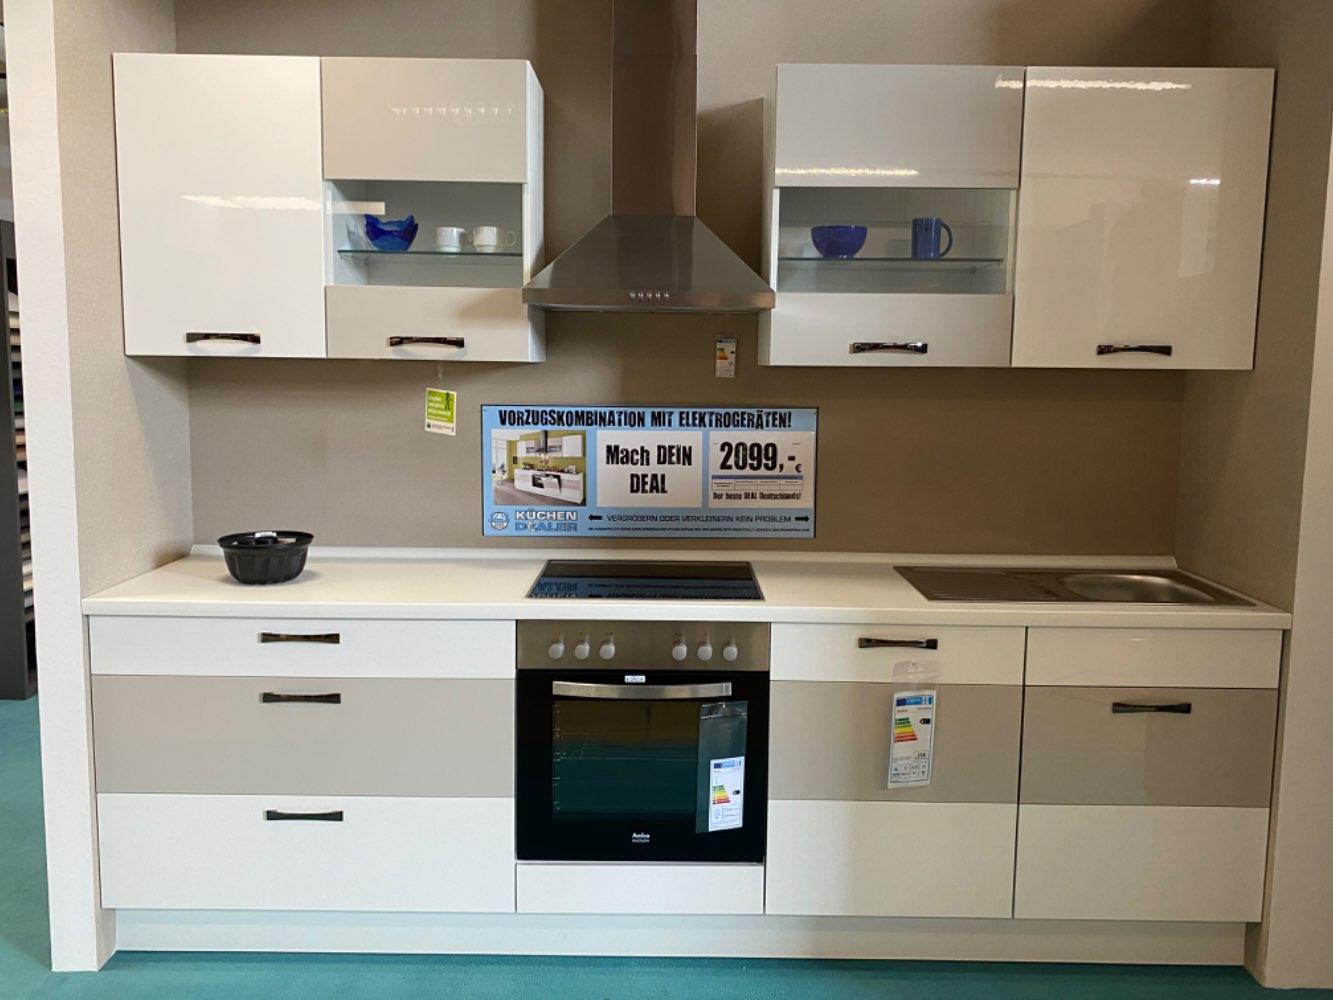 Einbauküche Beryll / Küche mit E-Geräten Top Deal Koje 21